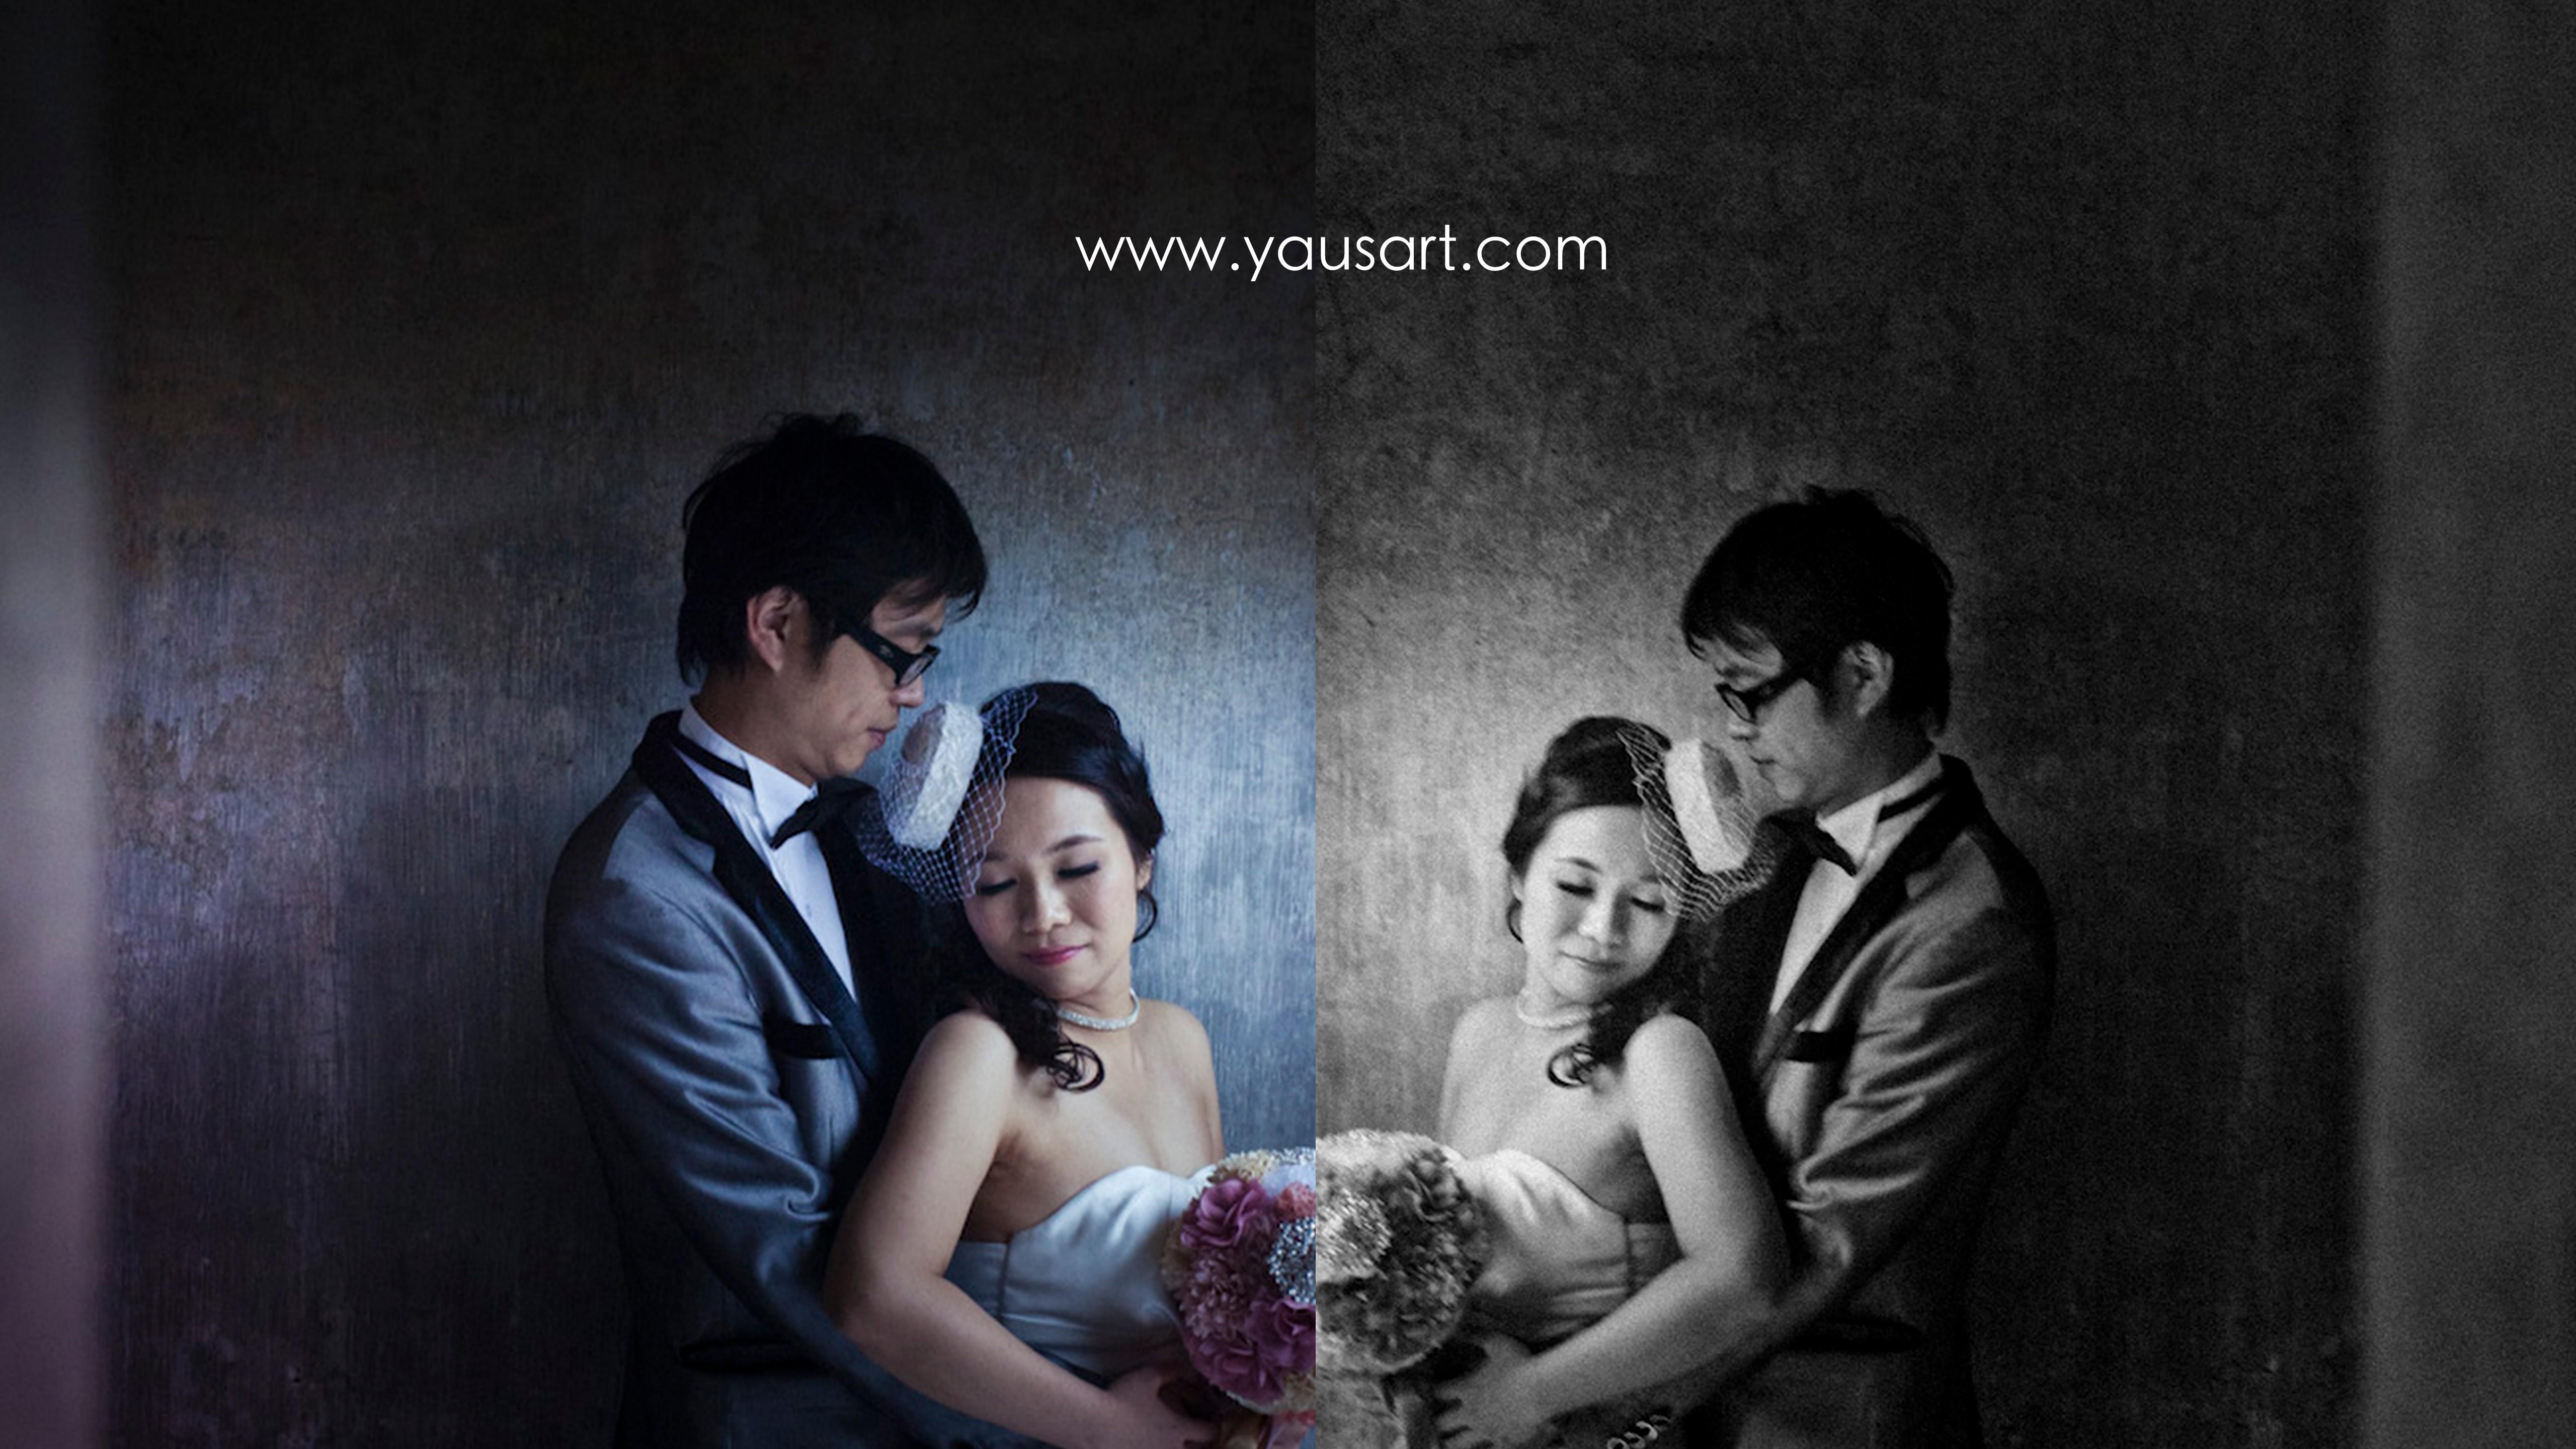 yausart+TEMP+for+upload19.jpg